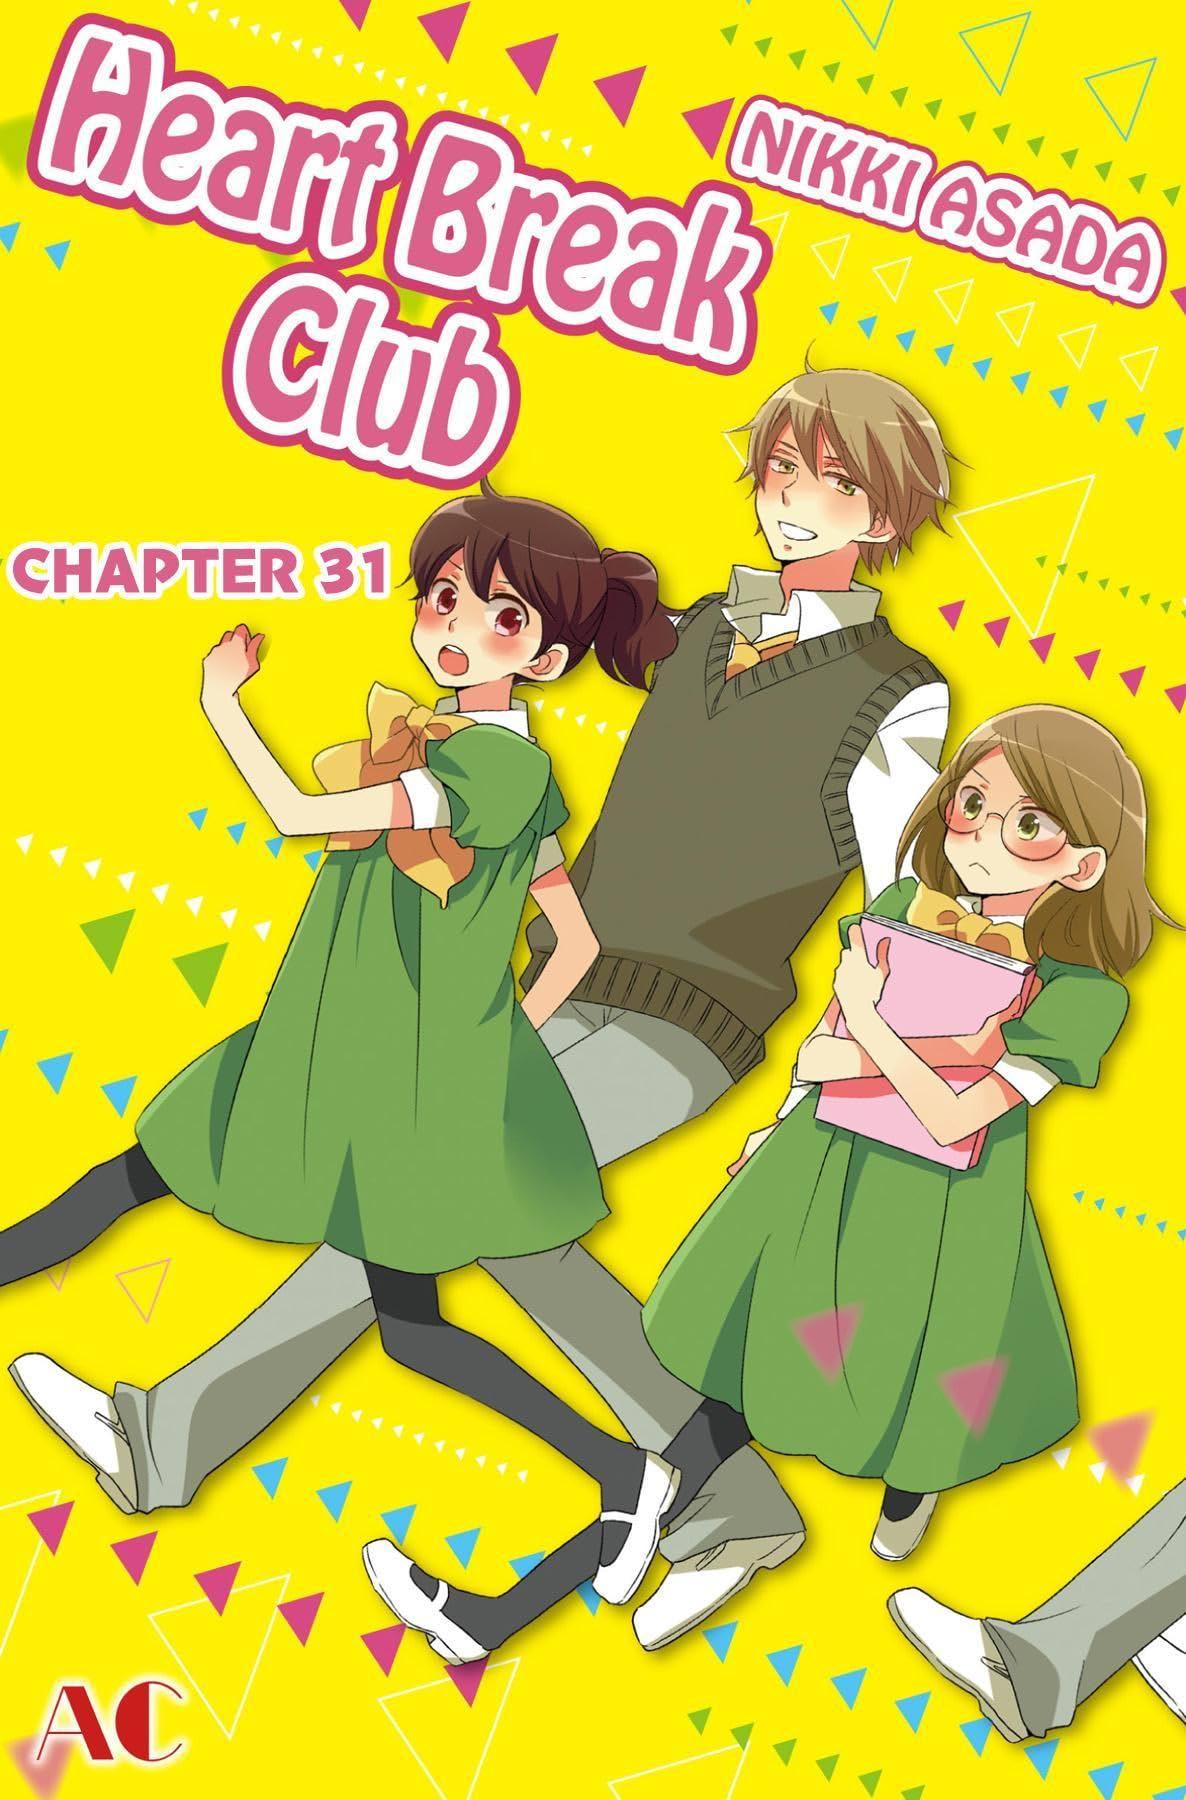 Heart Break Club #31